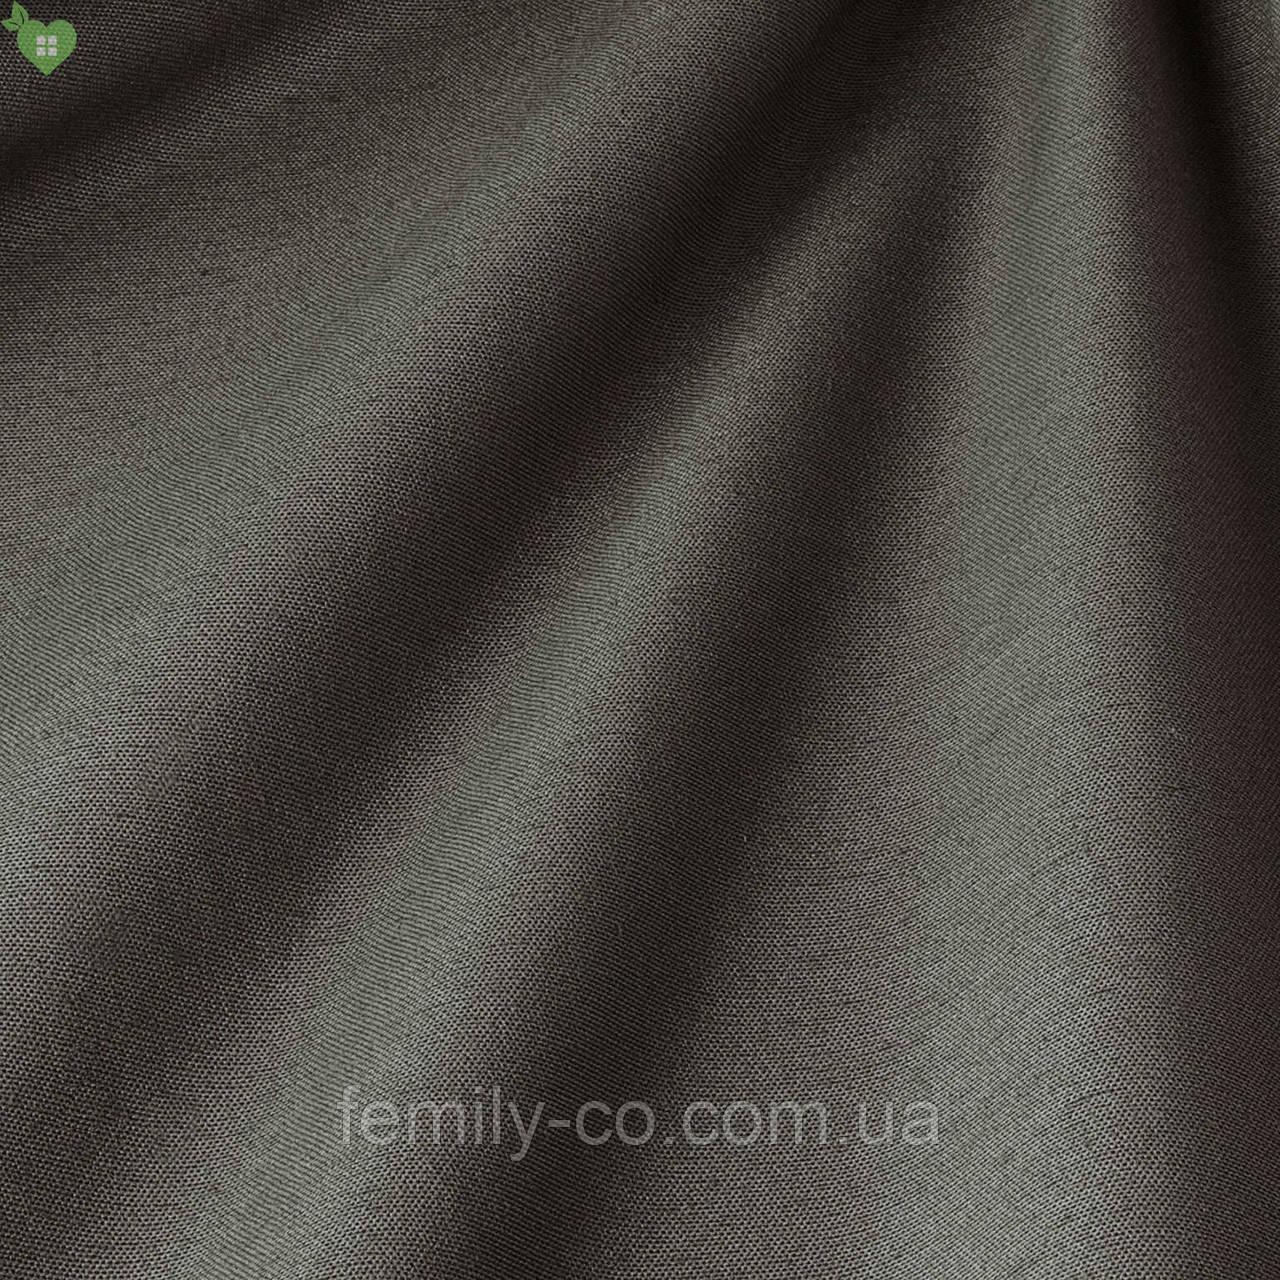 Однотонная декоративная ткань пыльно-серого цвета Испания 82706v49